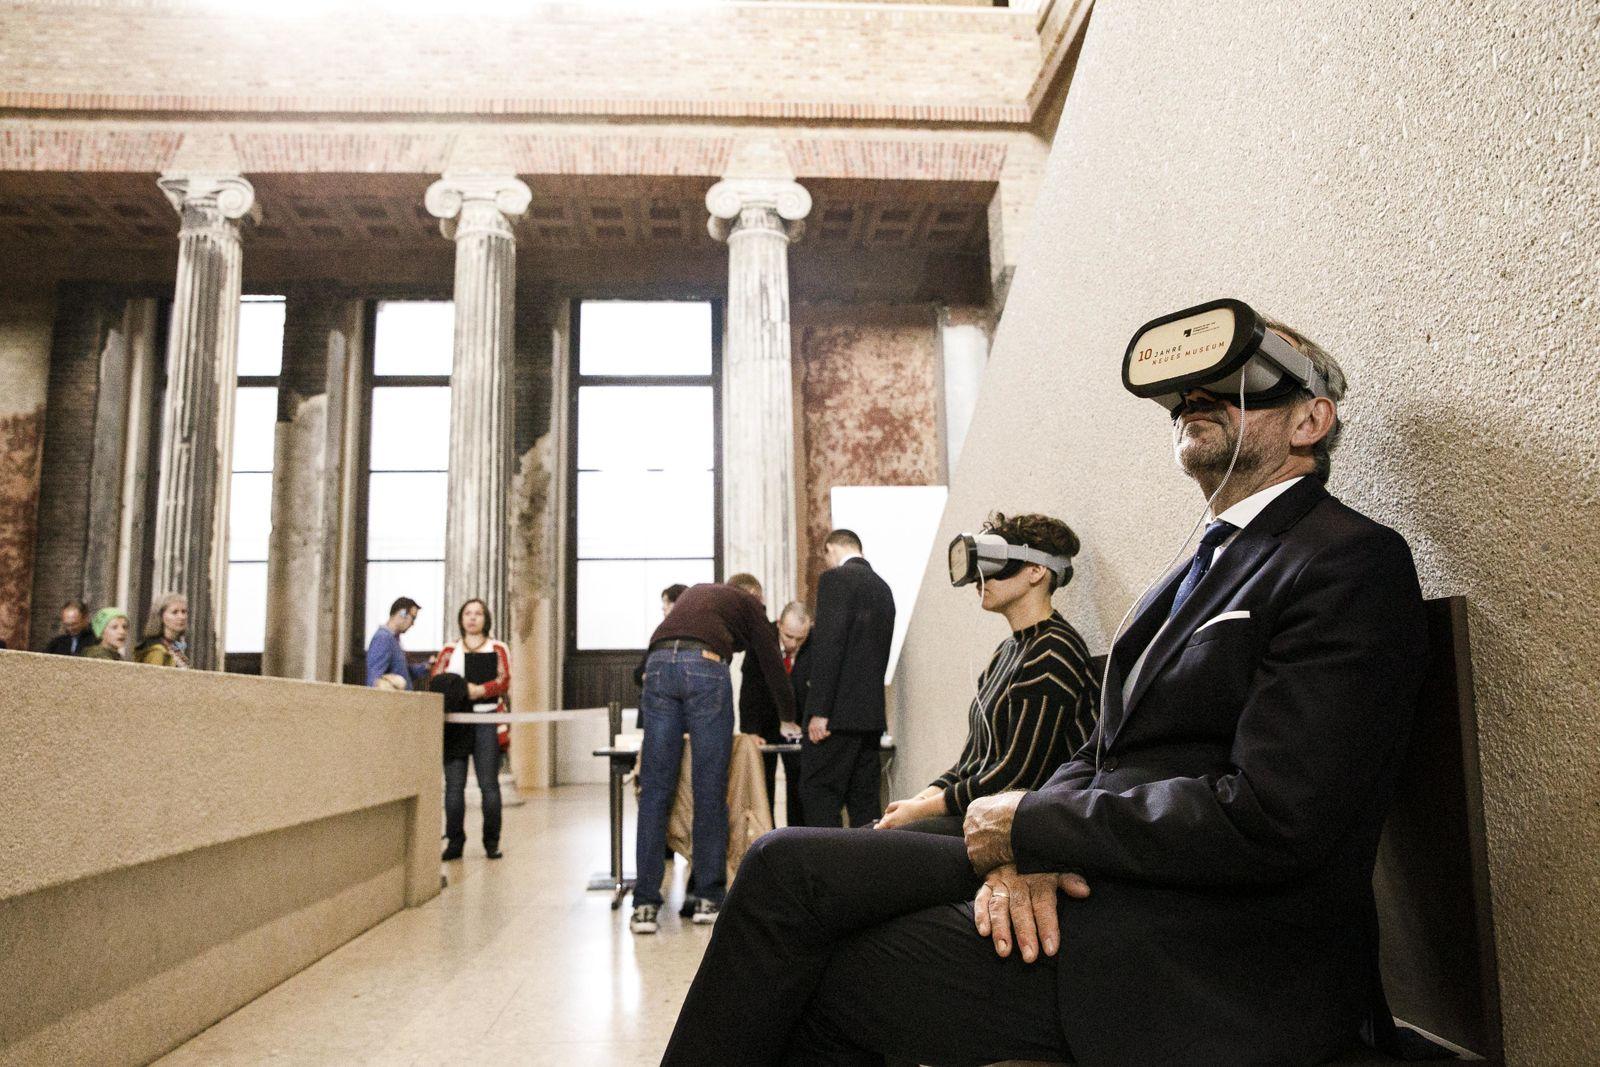 Sonderpräsentation - Jubiläum der Wiedereröffnetes Neuen Museums